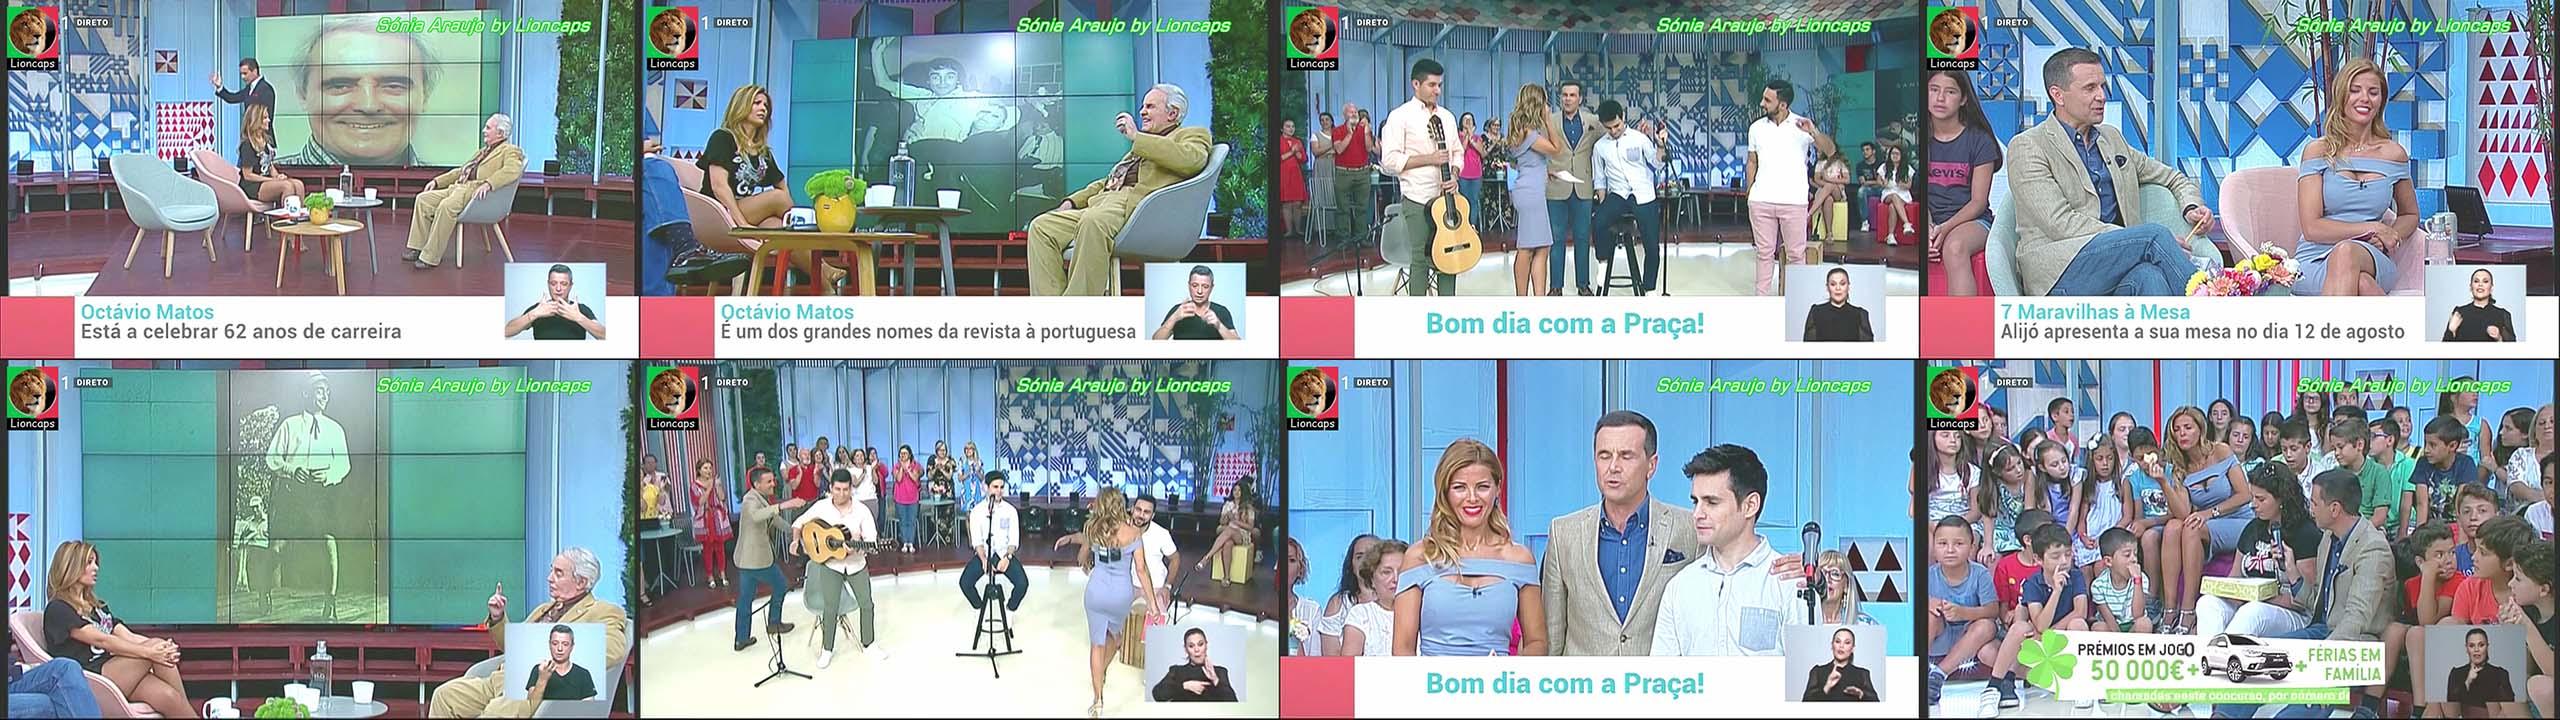 620726958_sonia_araujo_praca_1080_lioncaps_05_08_2018_09_122_38lo.jpg